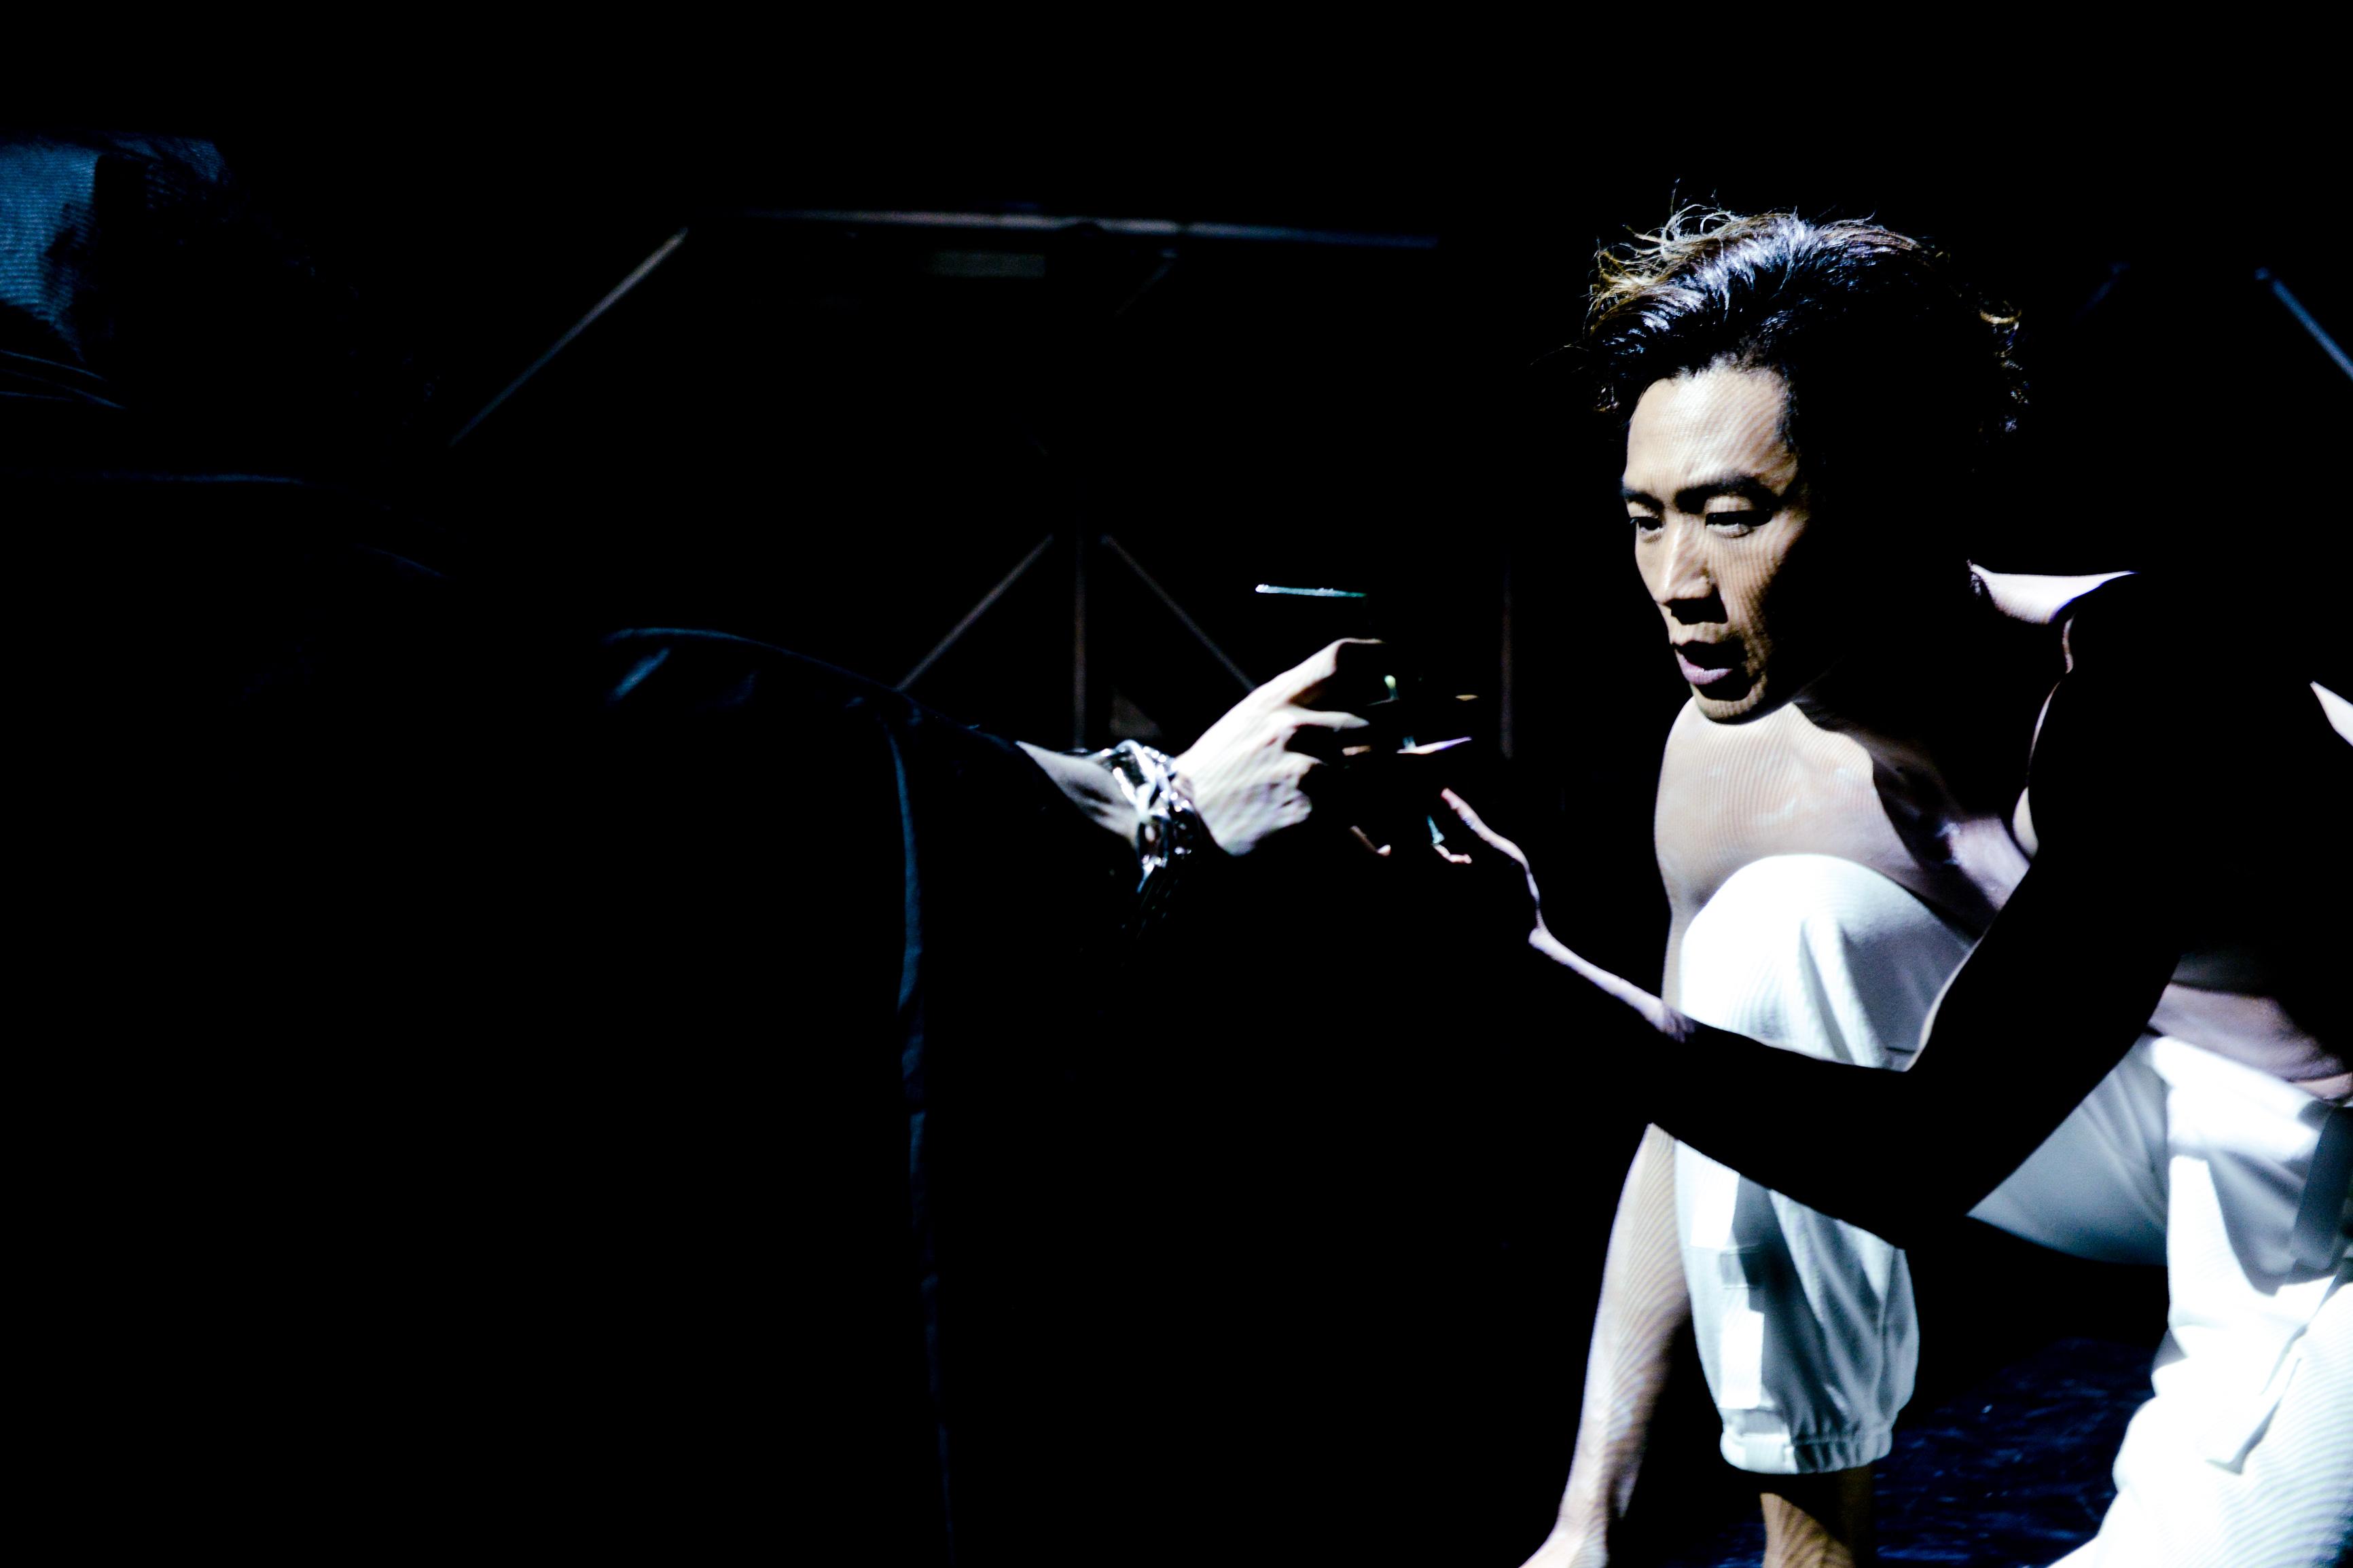 《行為淪喪》/人物:唐曉楓/類別:演出、《行為淪喪》/攝影:Fung Wai Sun/(天台製作 • 香港專業劇團)